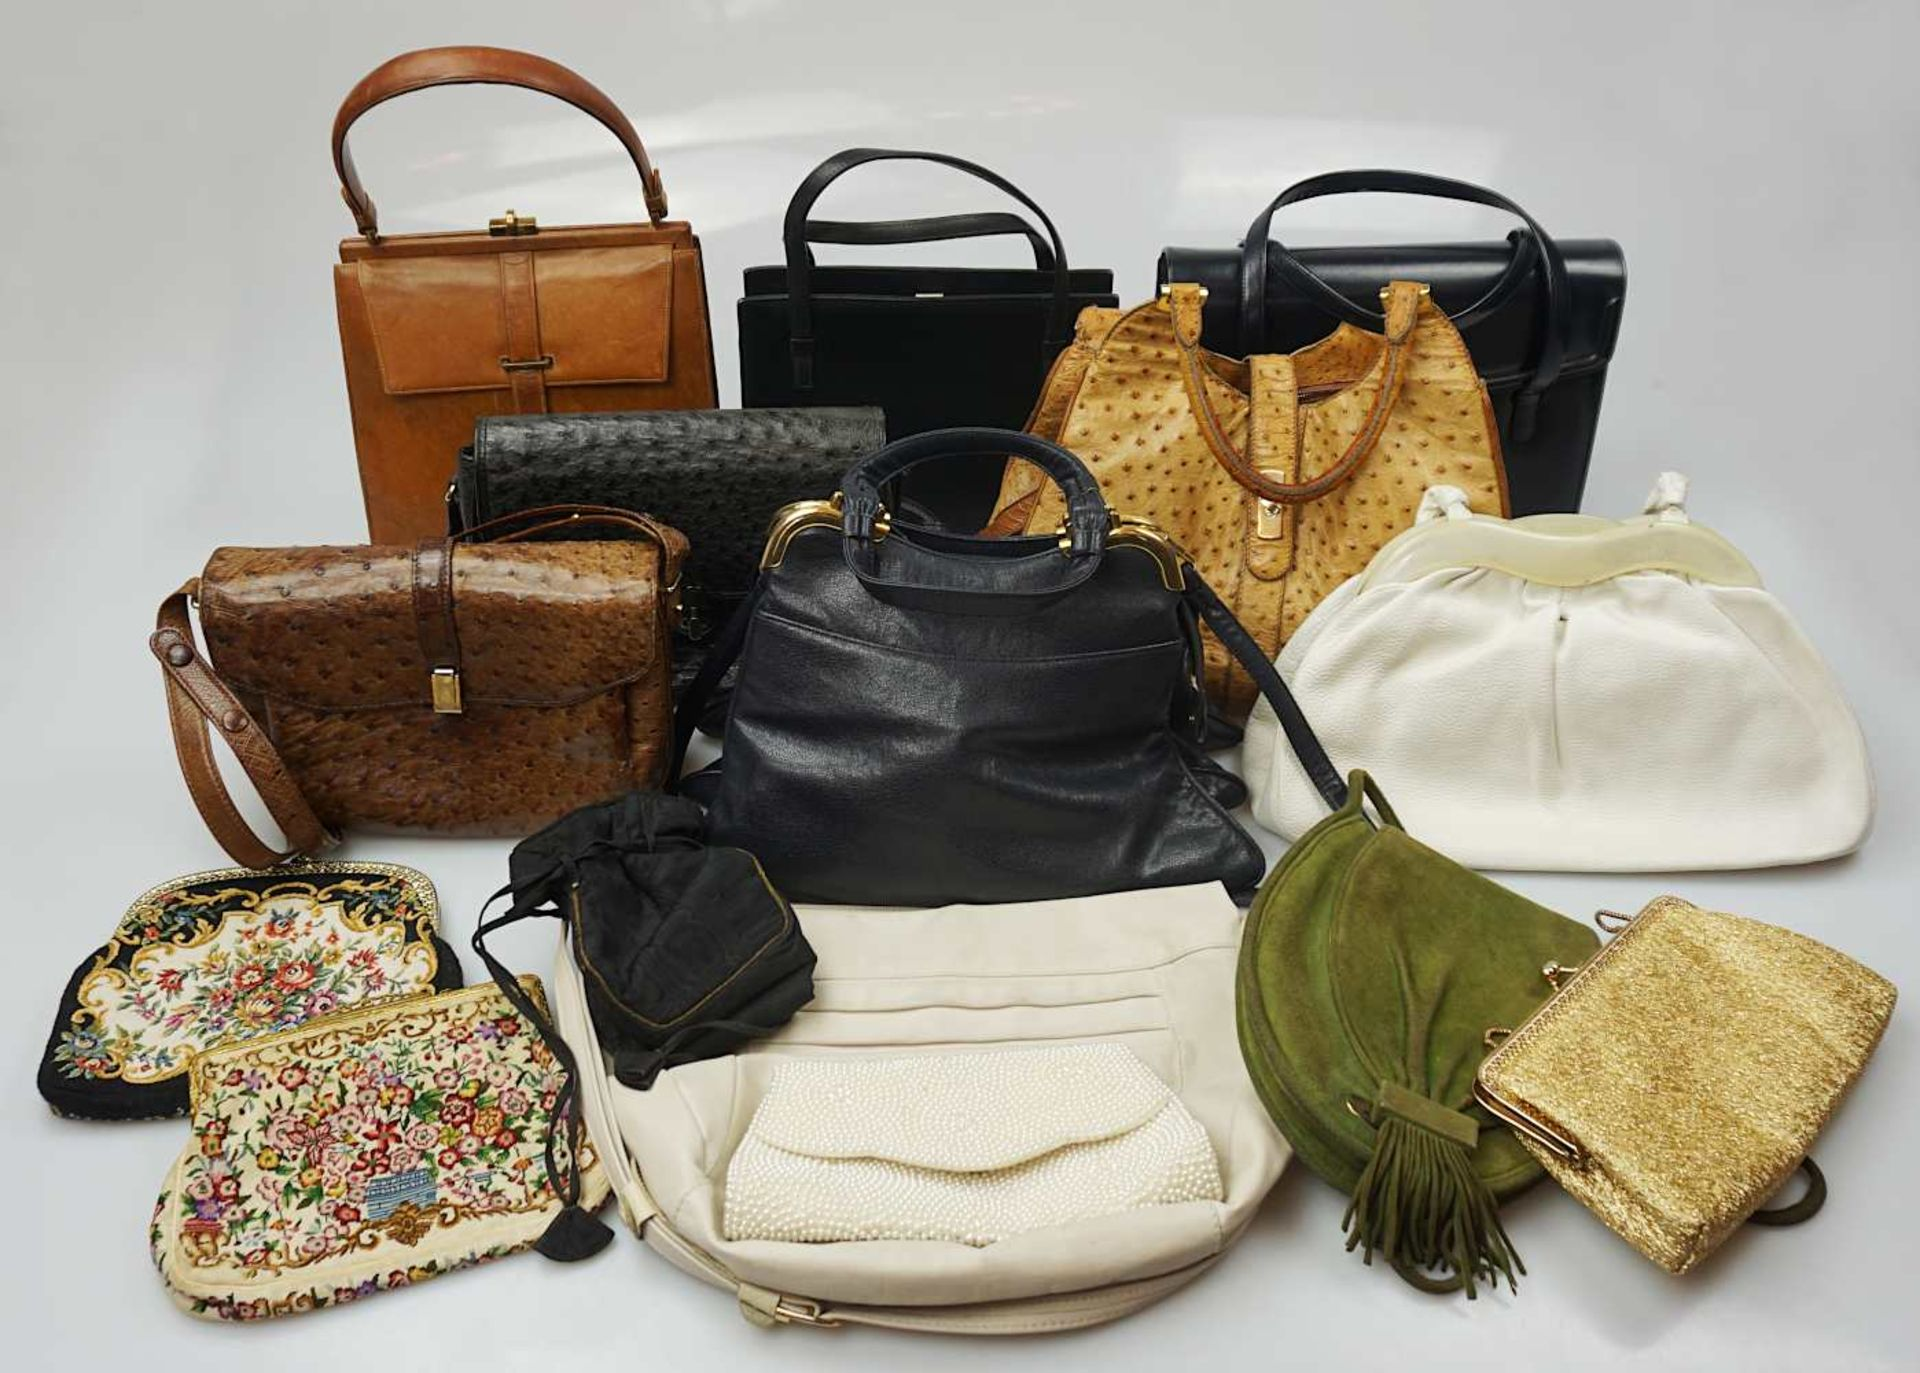 1 Konv. Hand-/Abendtaschen Straußenleder, Leder, Textil u.a. Gsp.